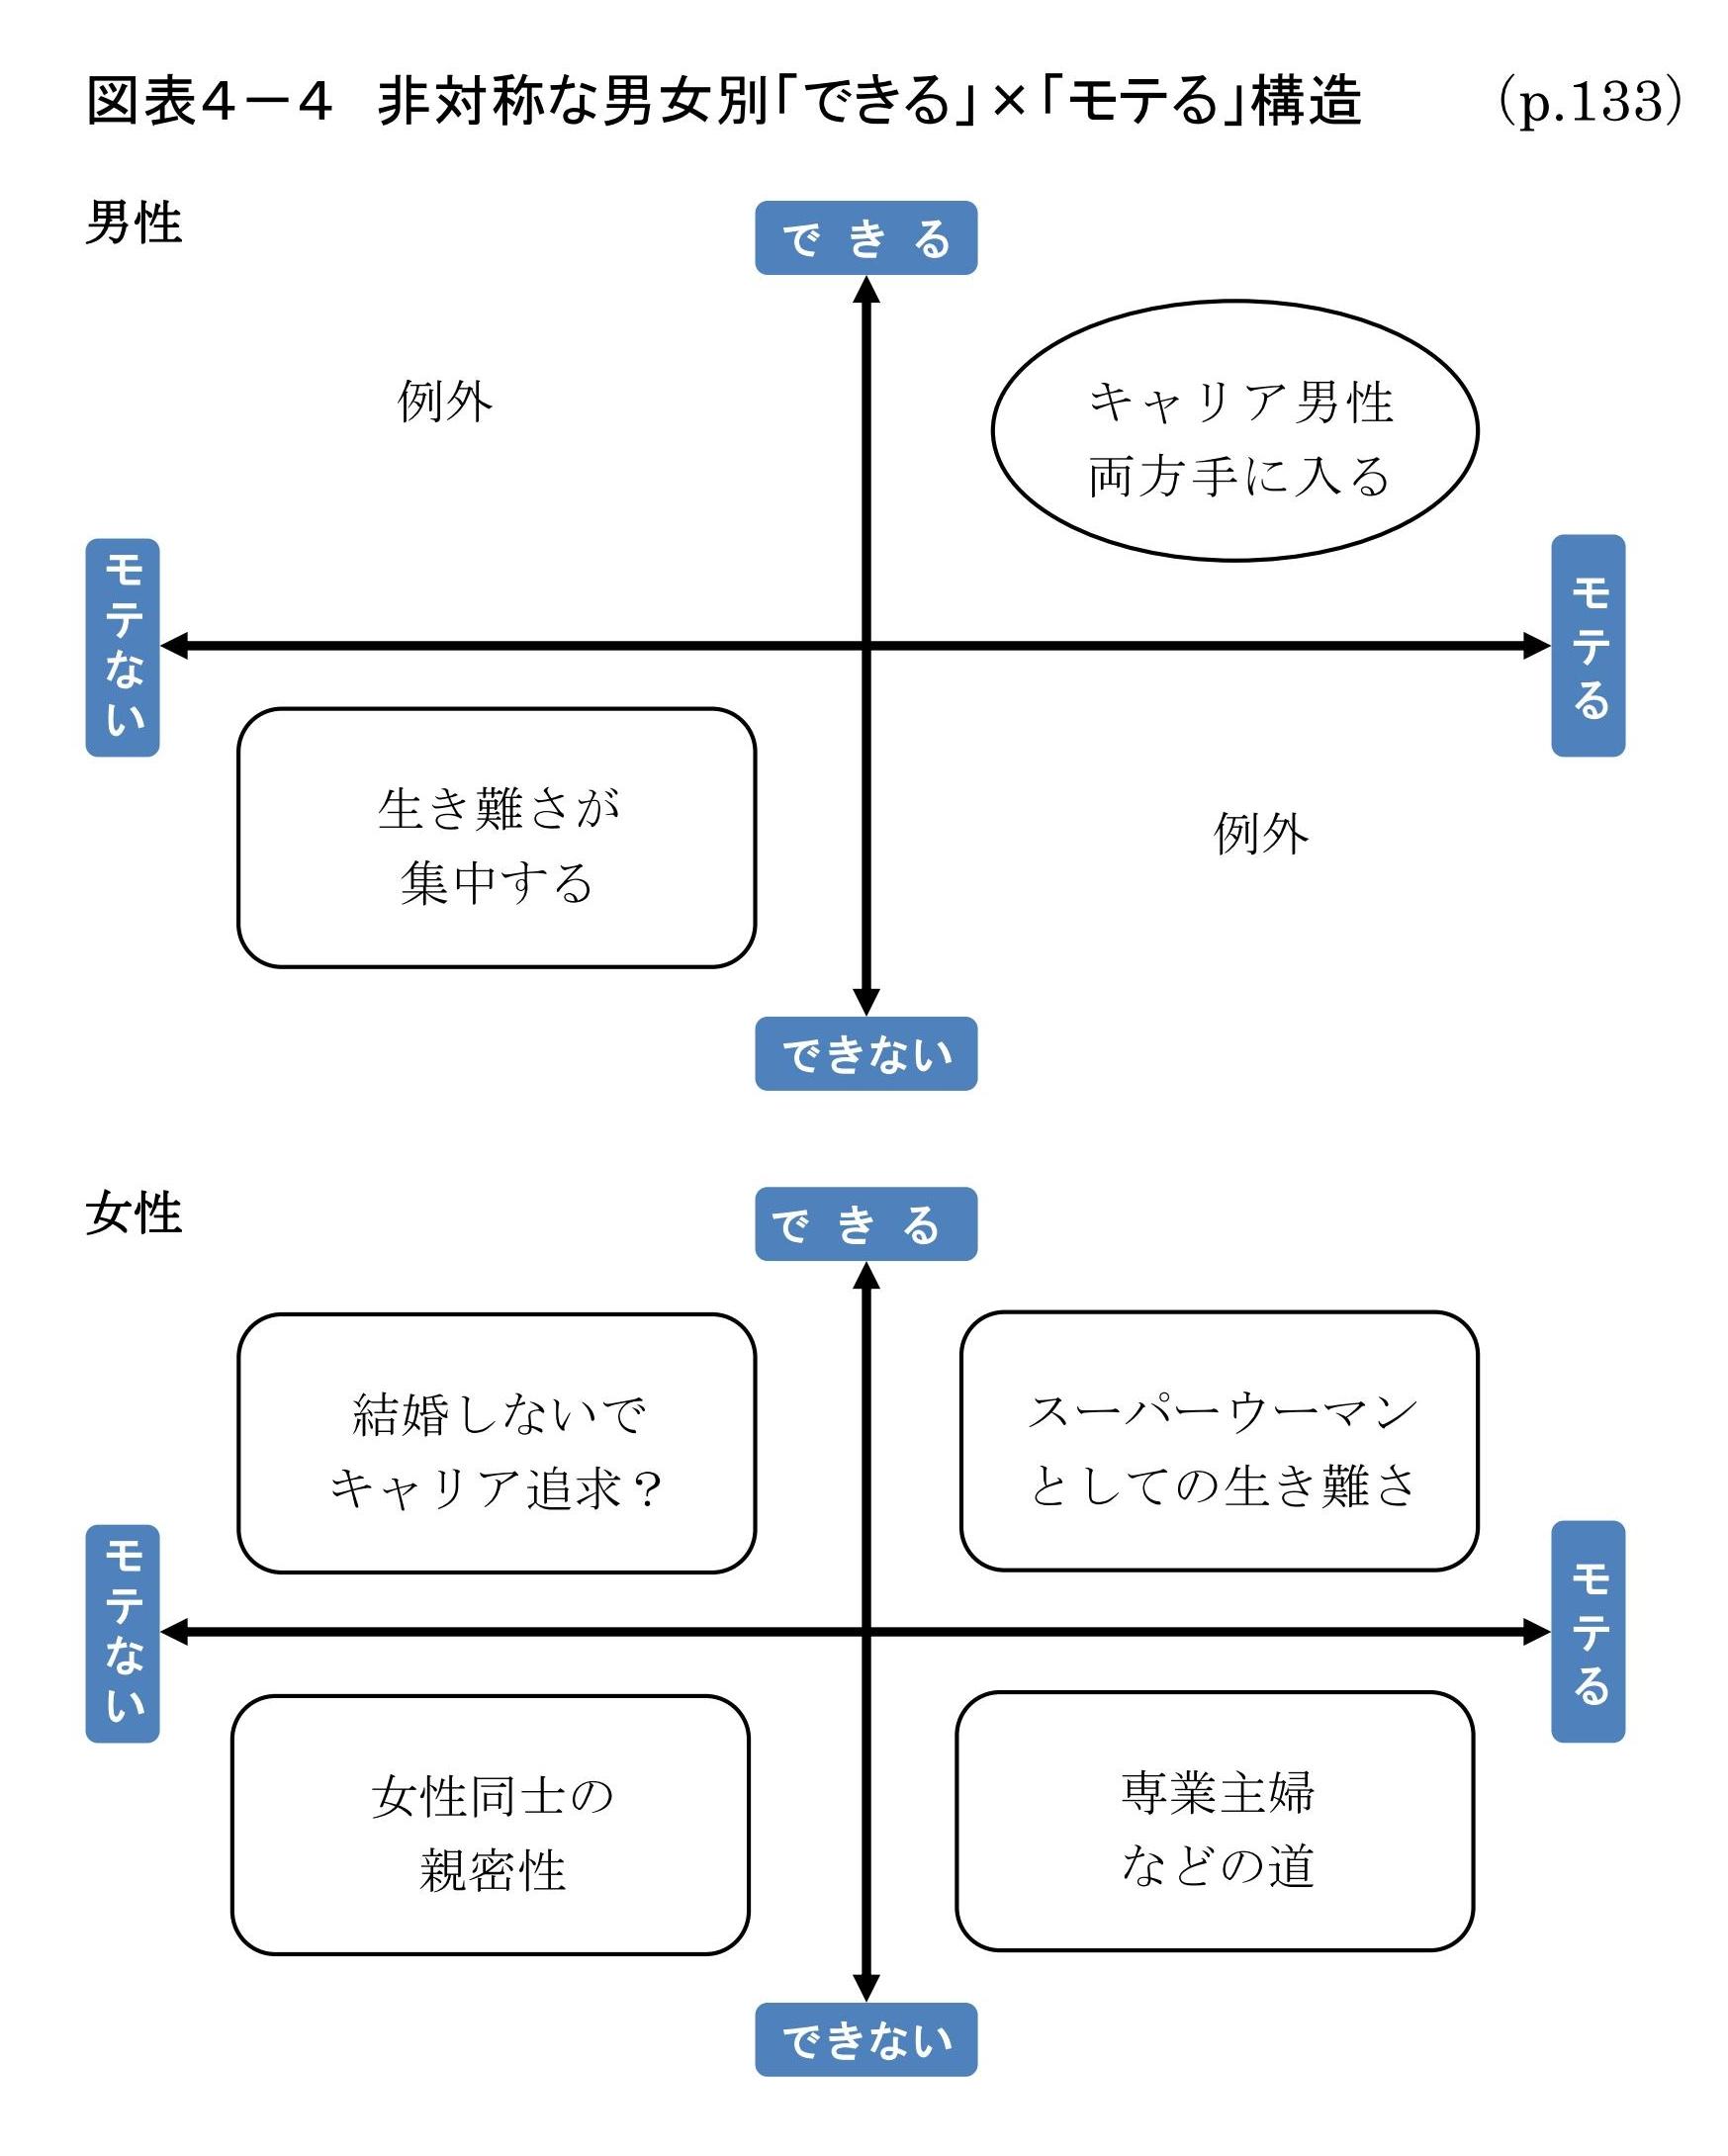 moteru_kouzou_zu-crop.jpg